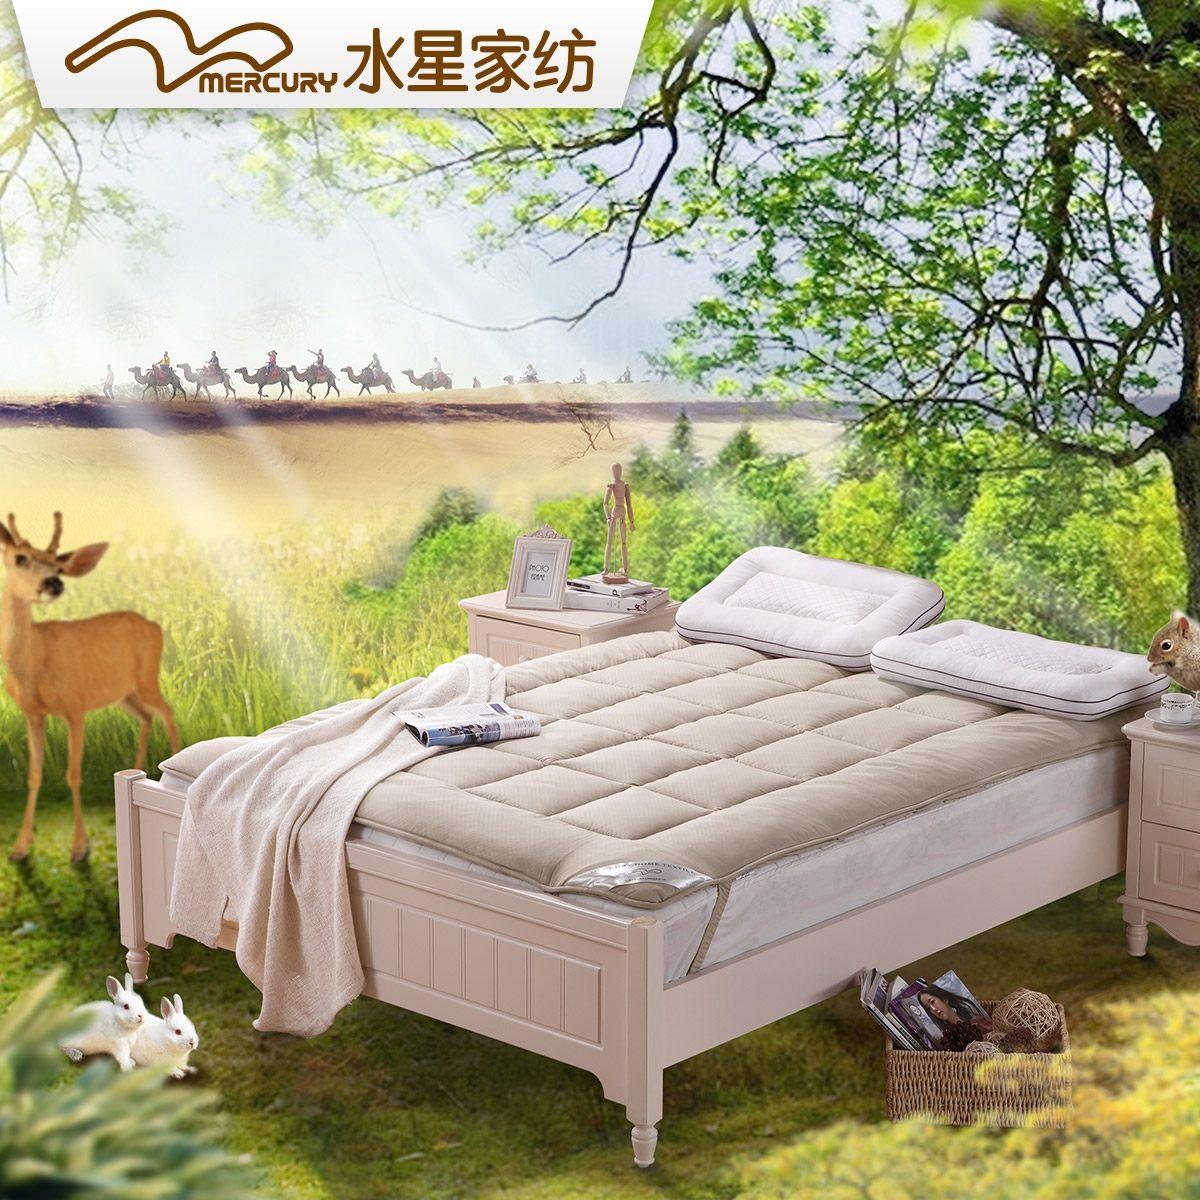 水星家纺驼毛床垫501264